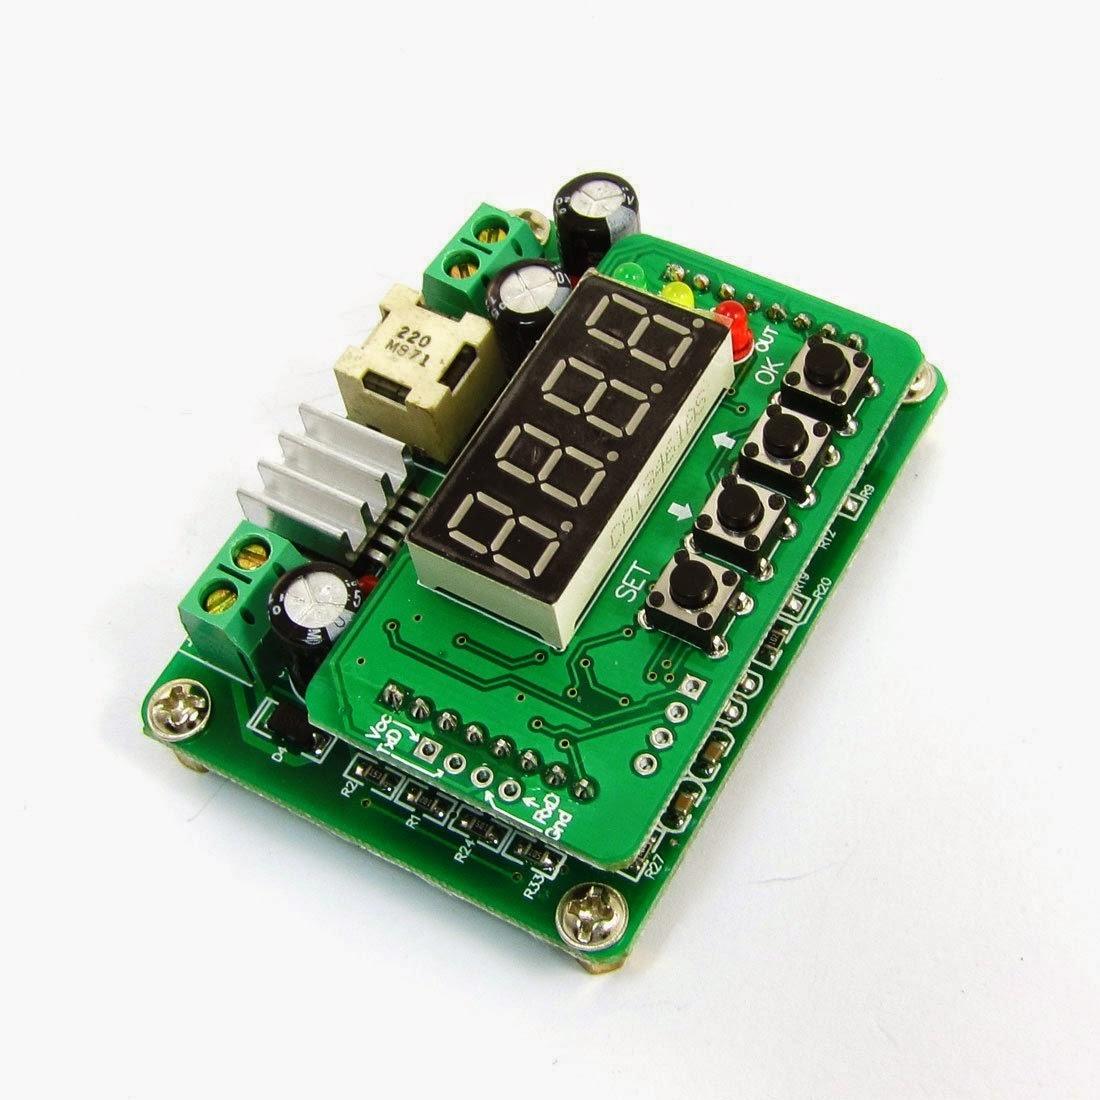 Public circuits tagged pwm - CircuitLab